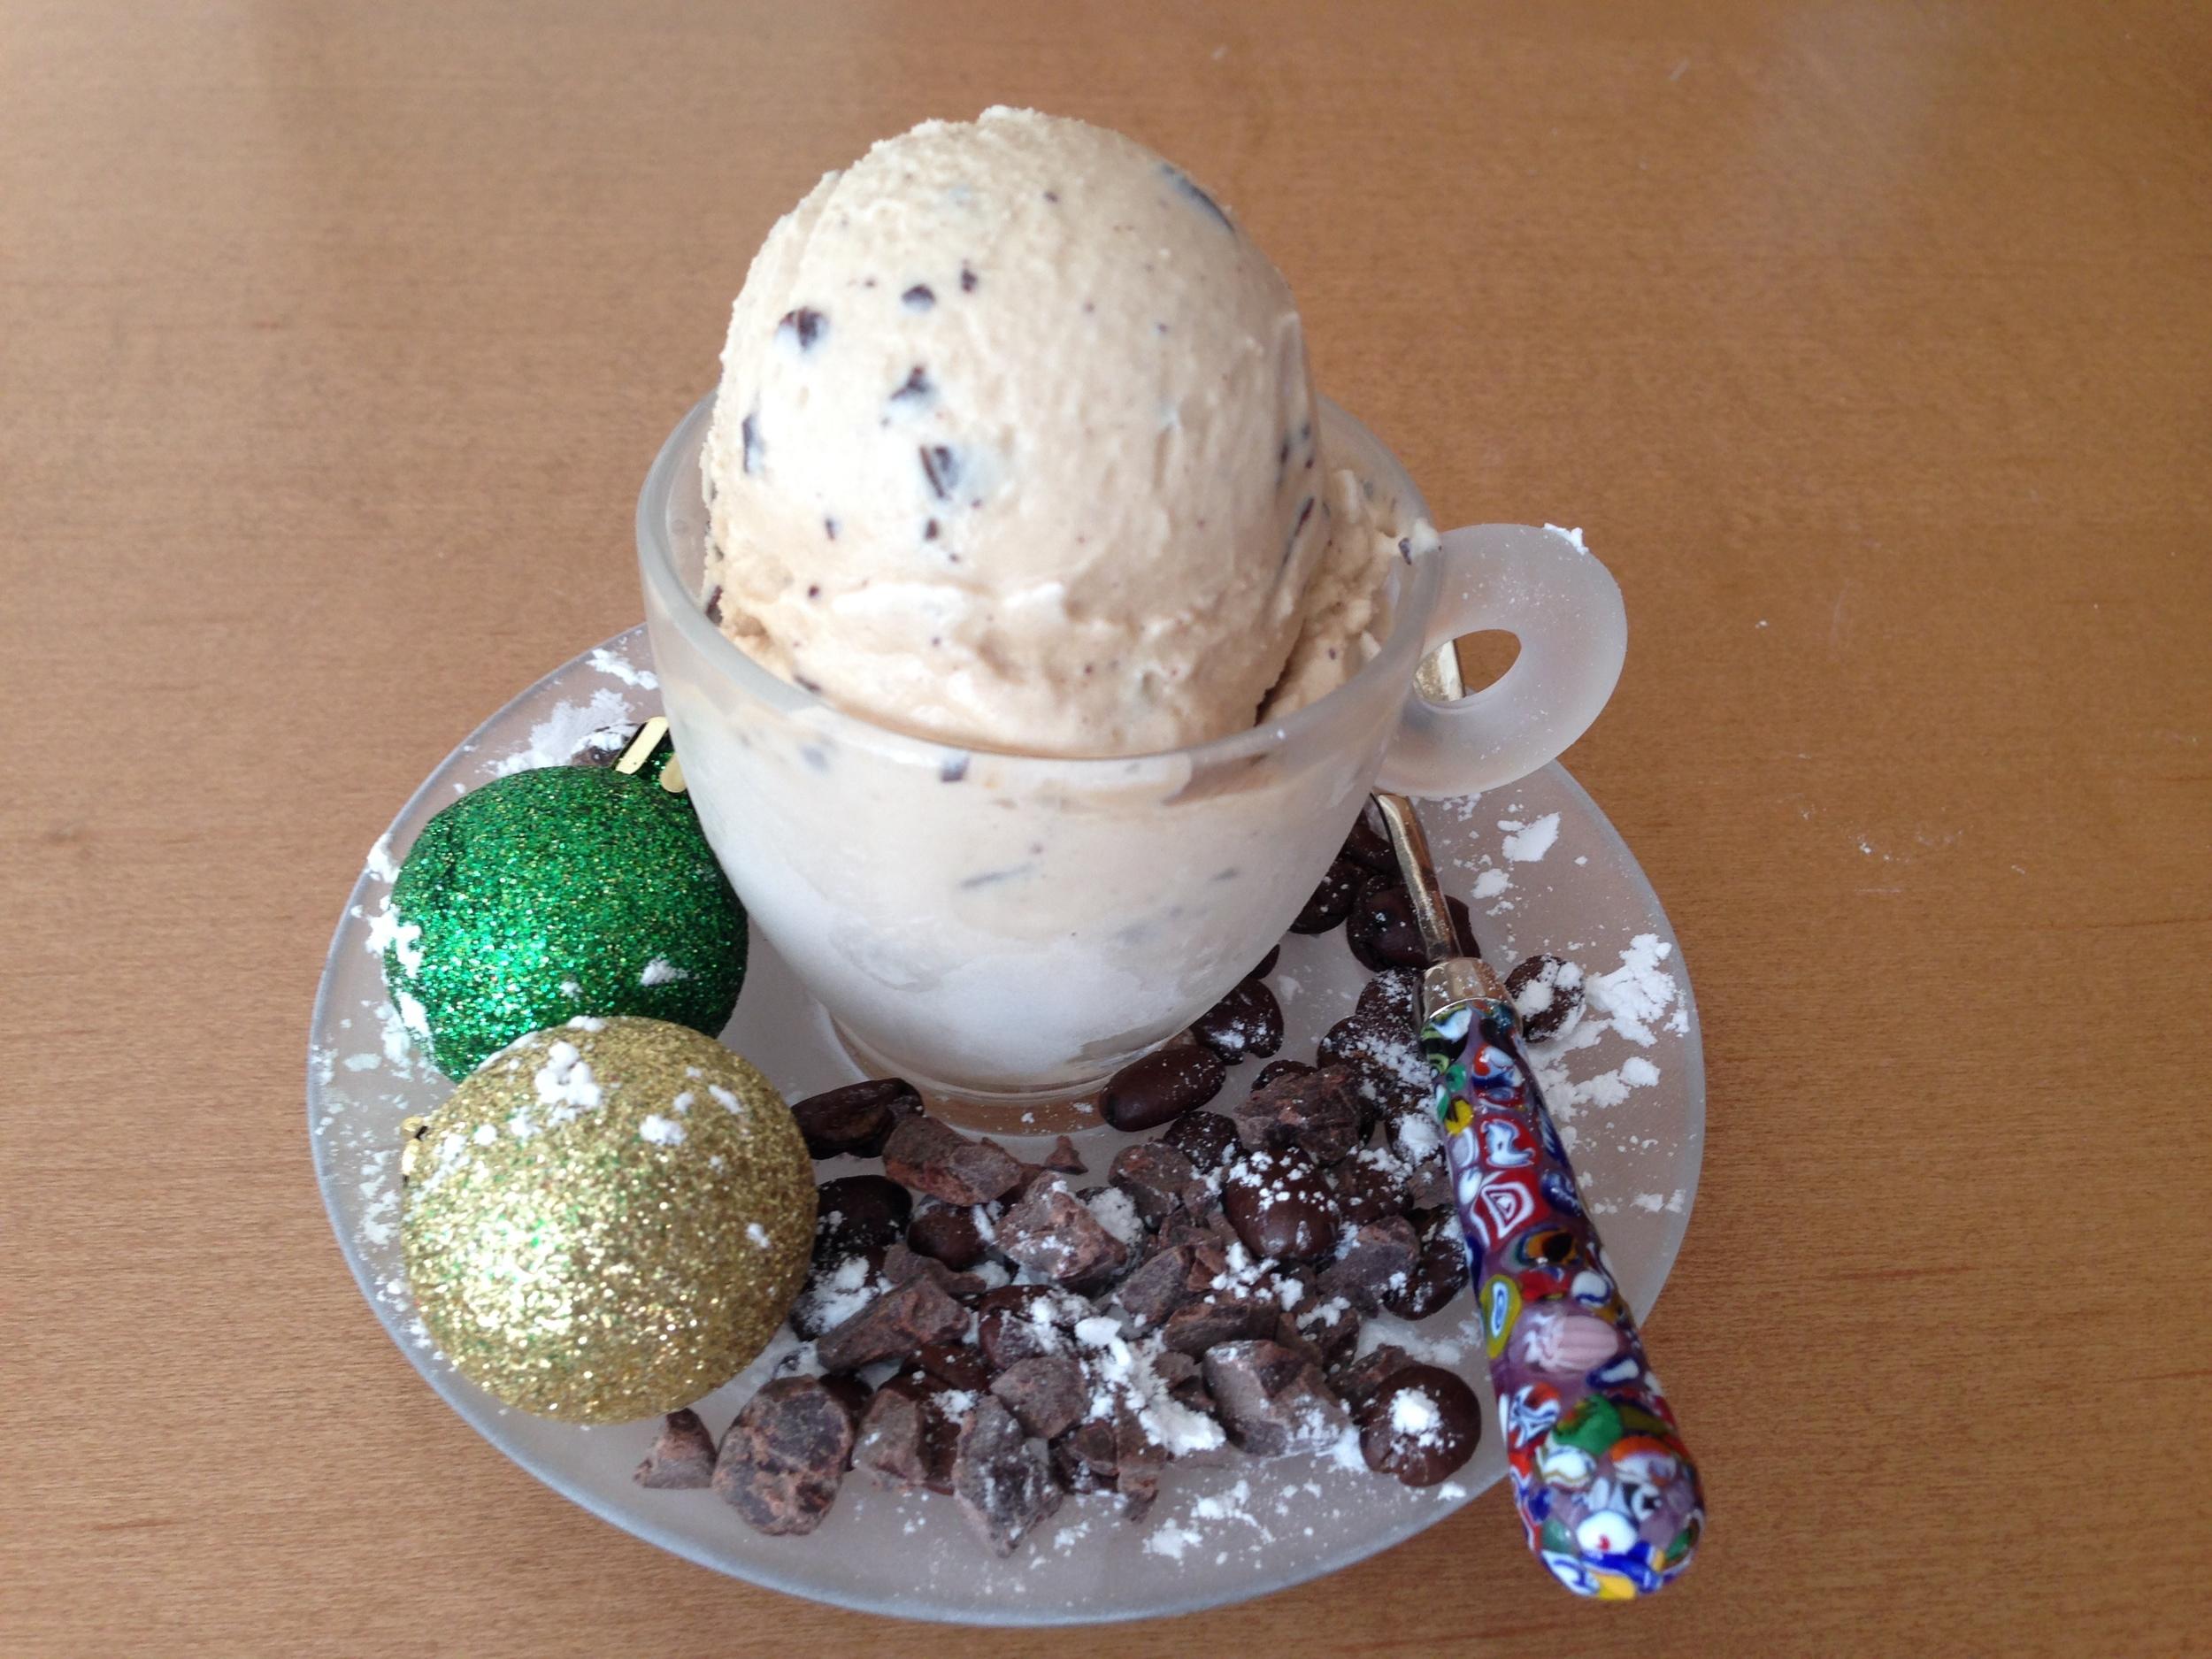 Illy Espresso with Domori cocoa mass flakes